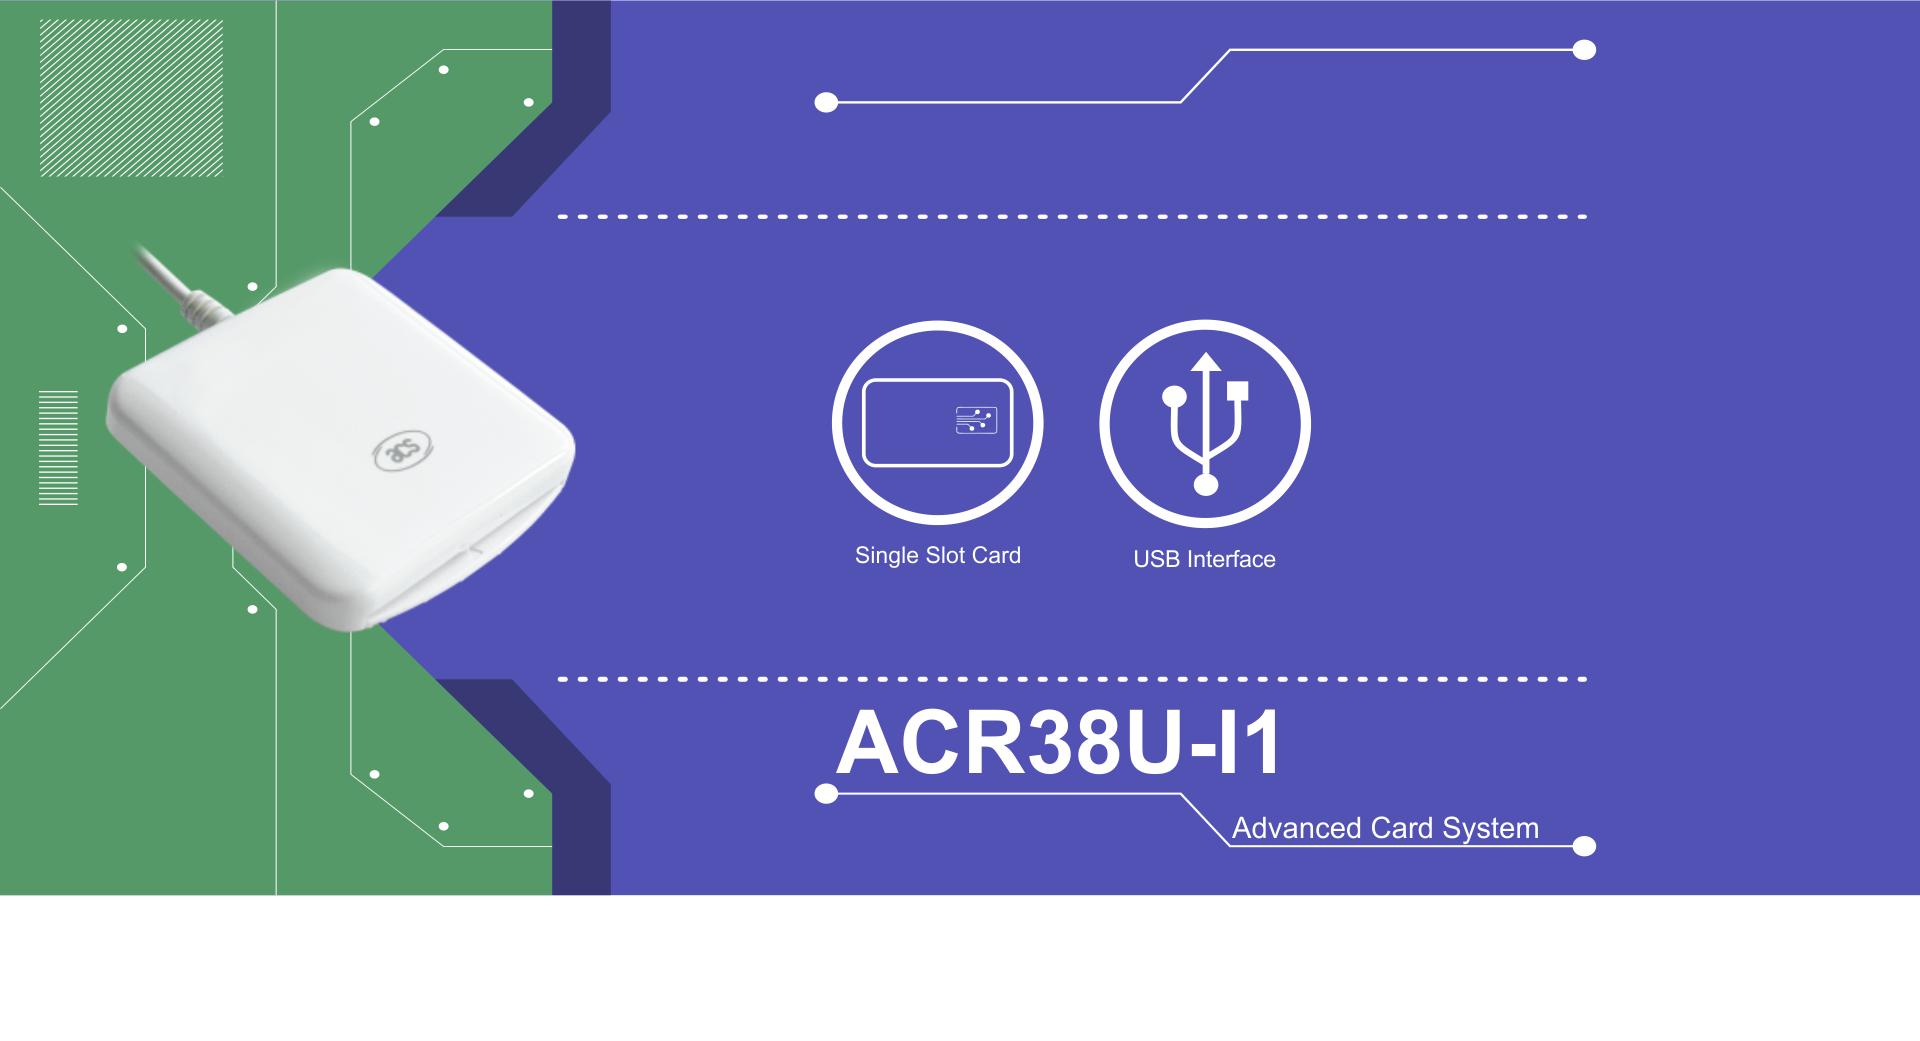 ACR38U-I1